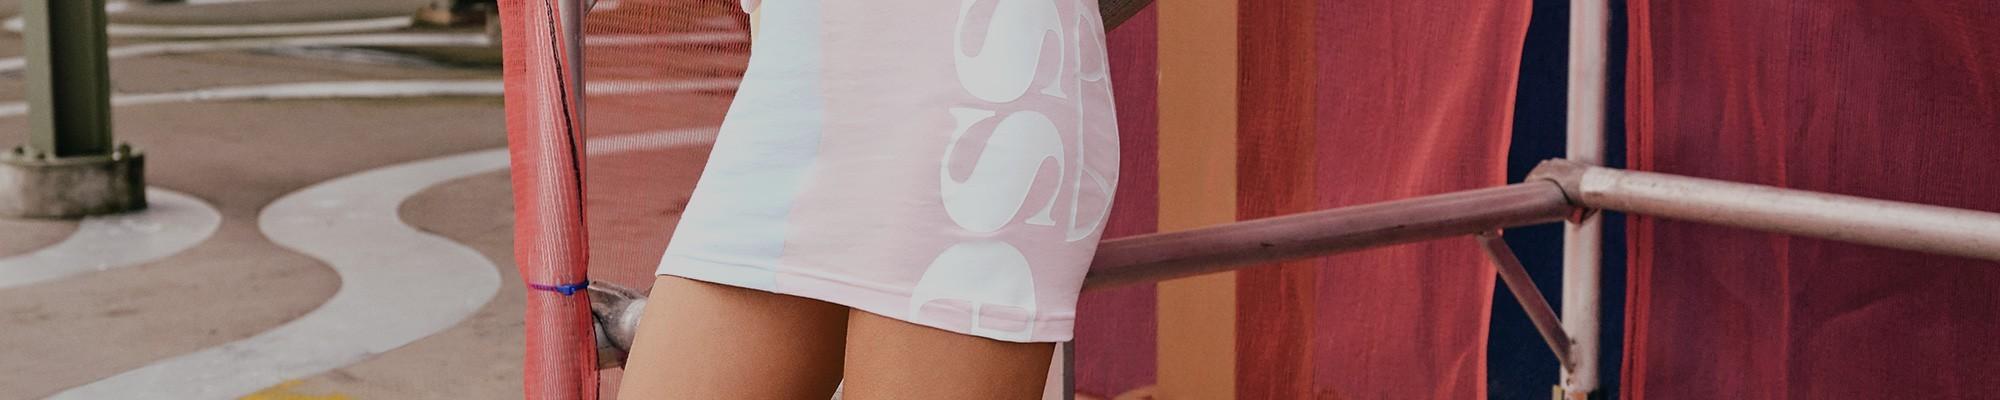 Faldas deportivas Mujer - Vestidos deportivos Mujer Ellesse